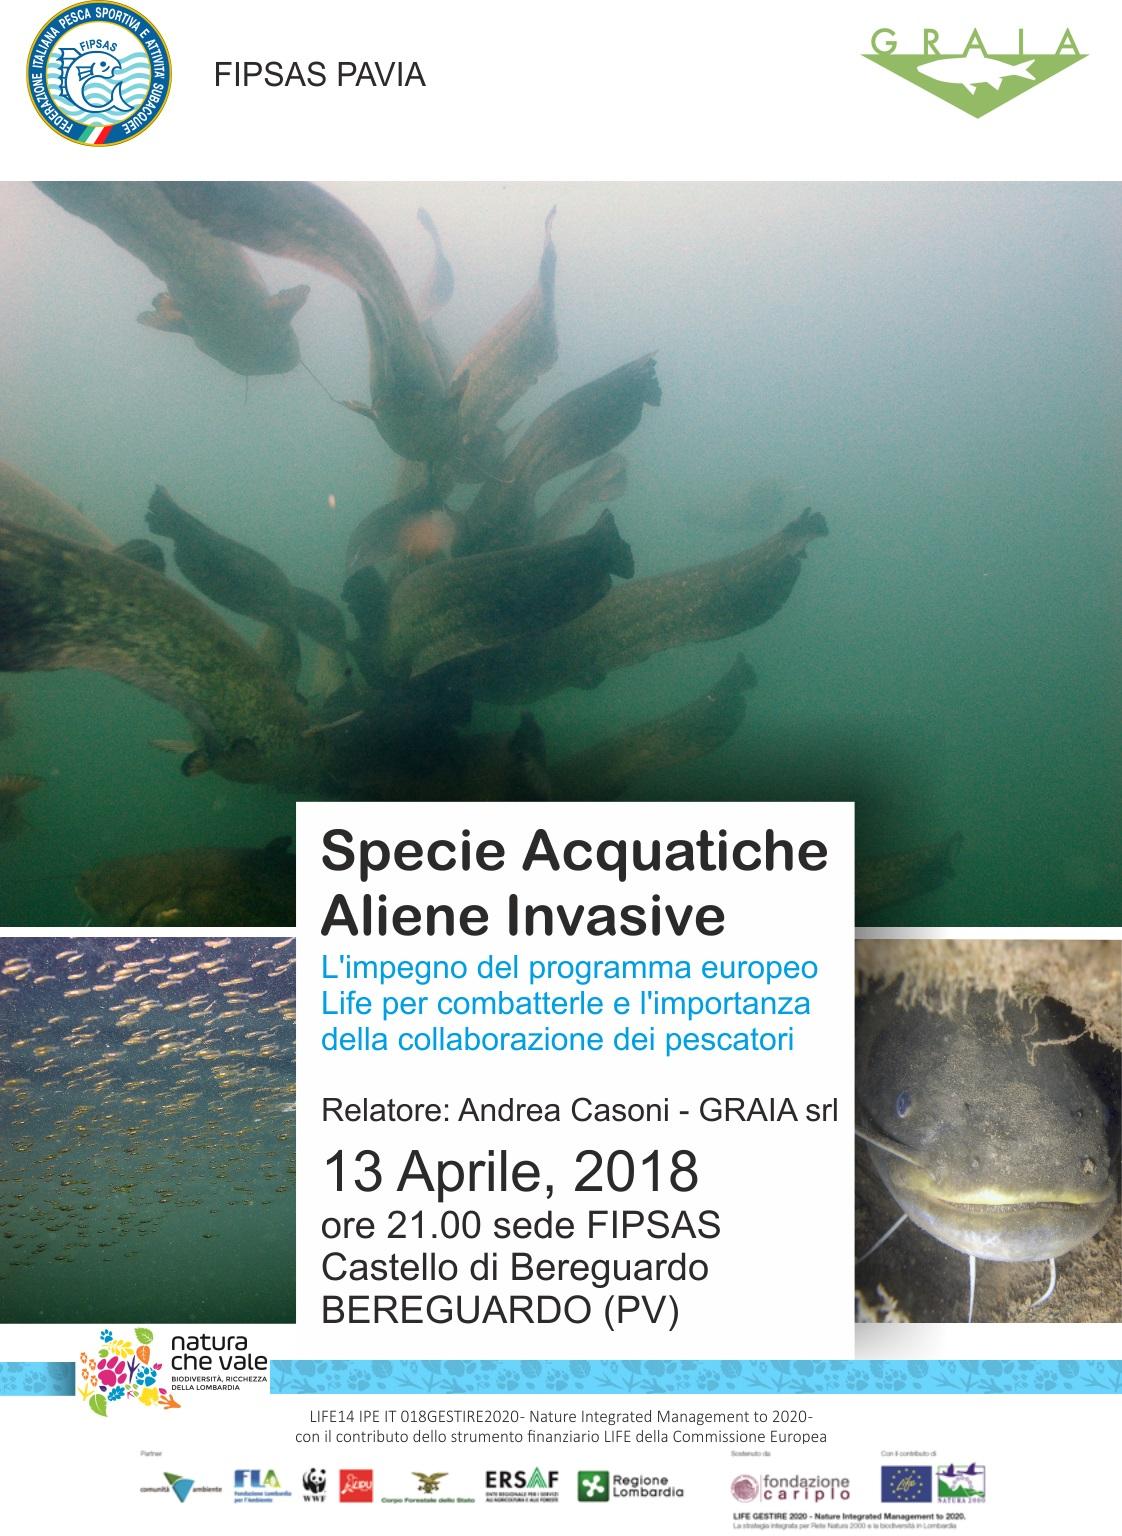 Specie-acquatiche-aliene-invasive-Bereguardo-13-aprile-2018.jpg